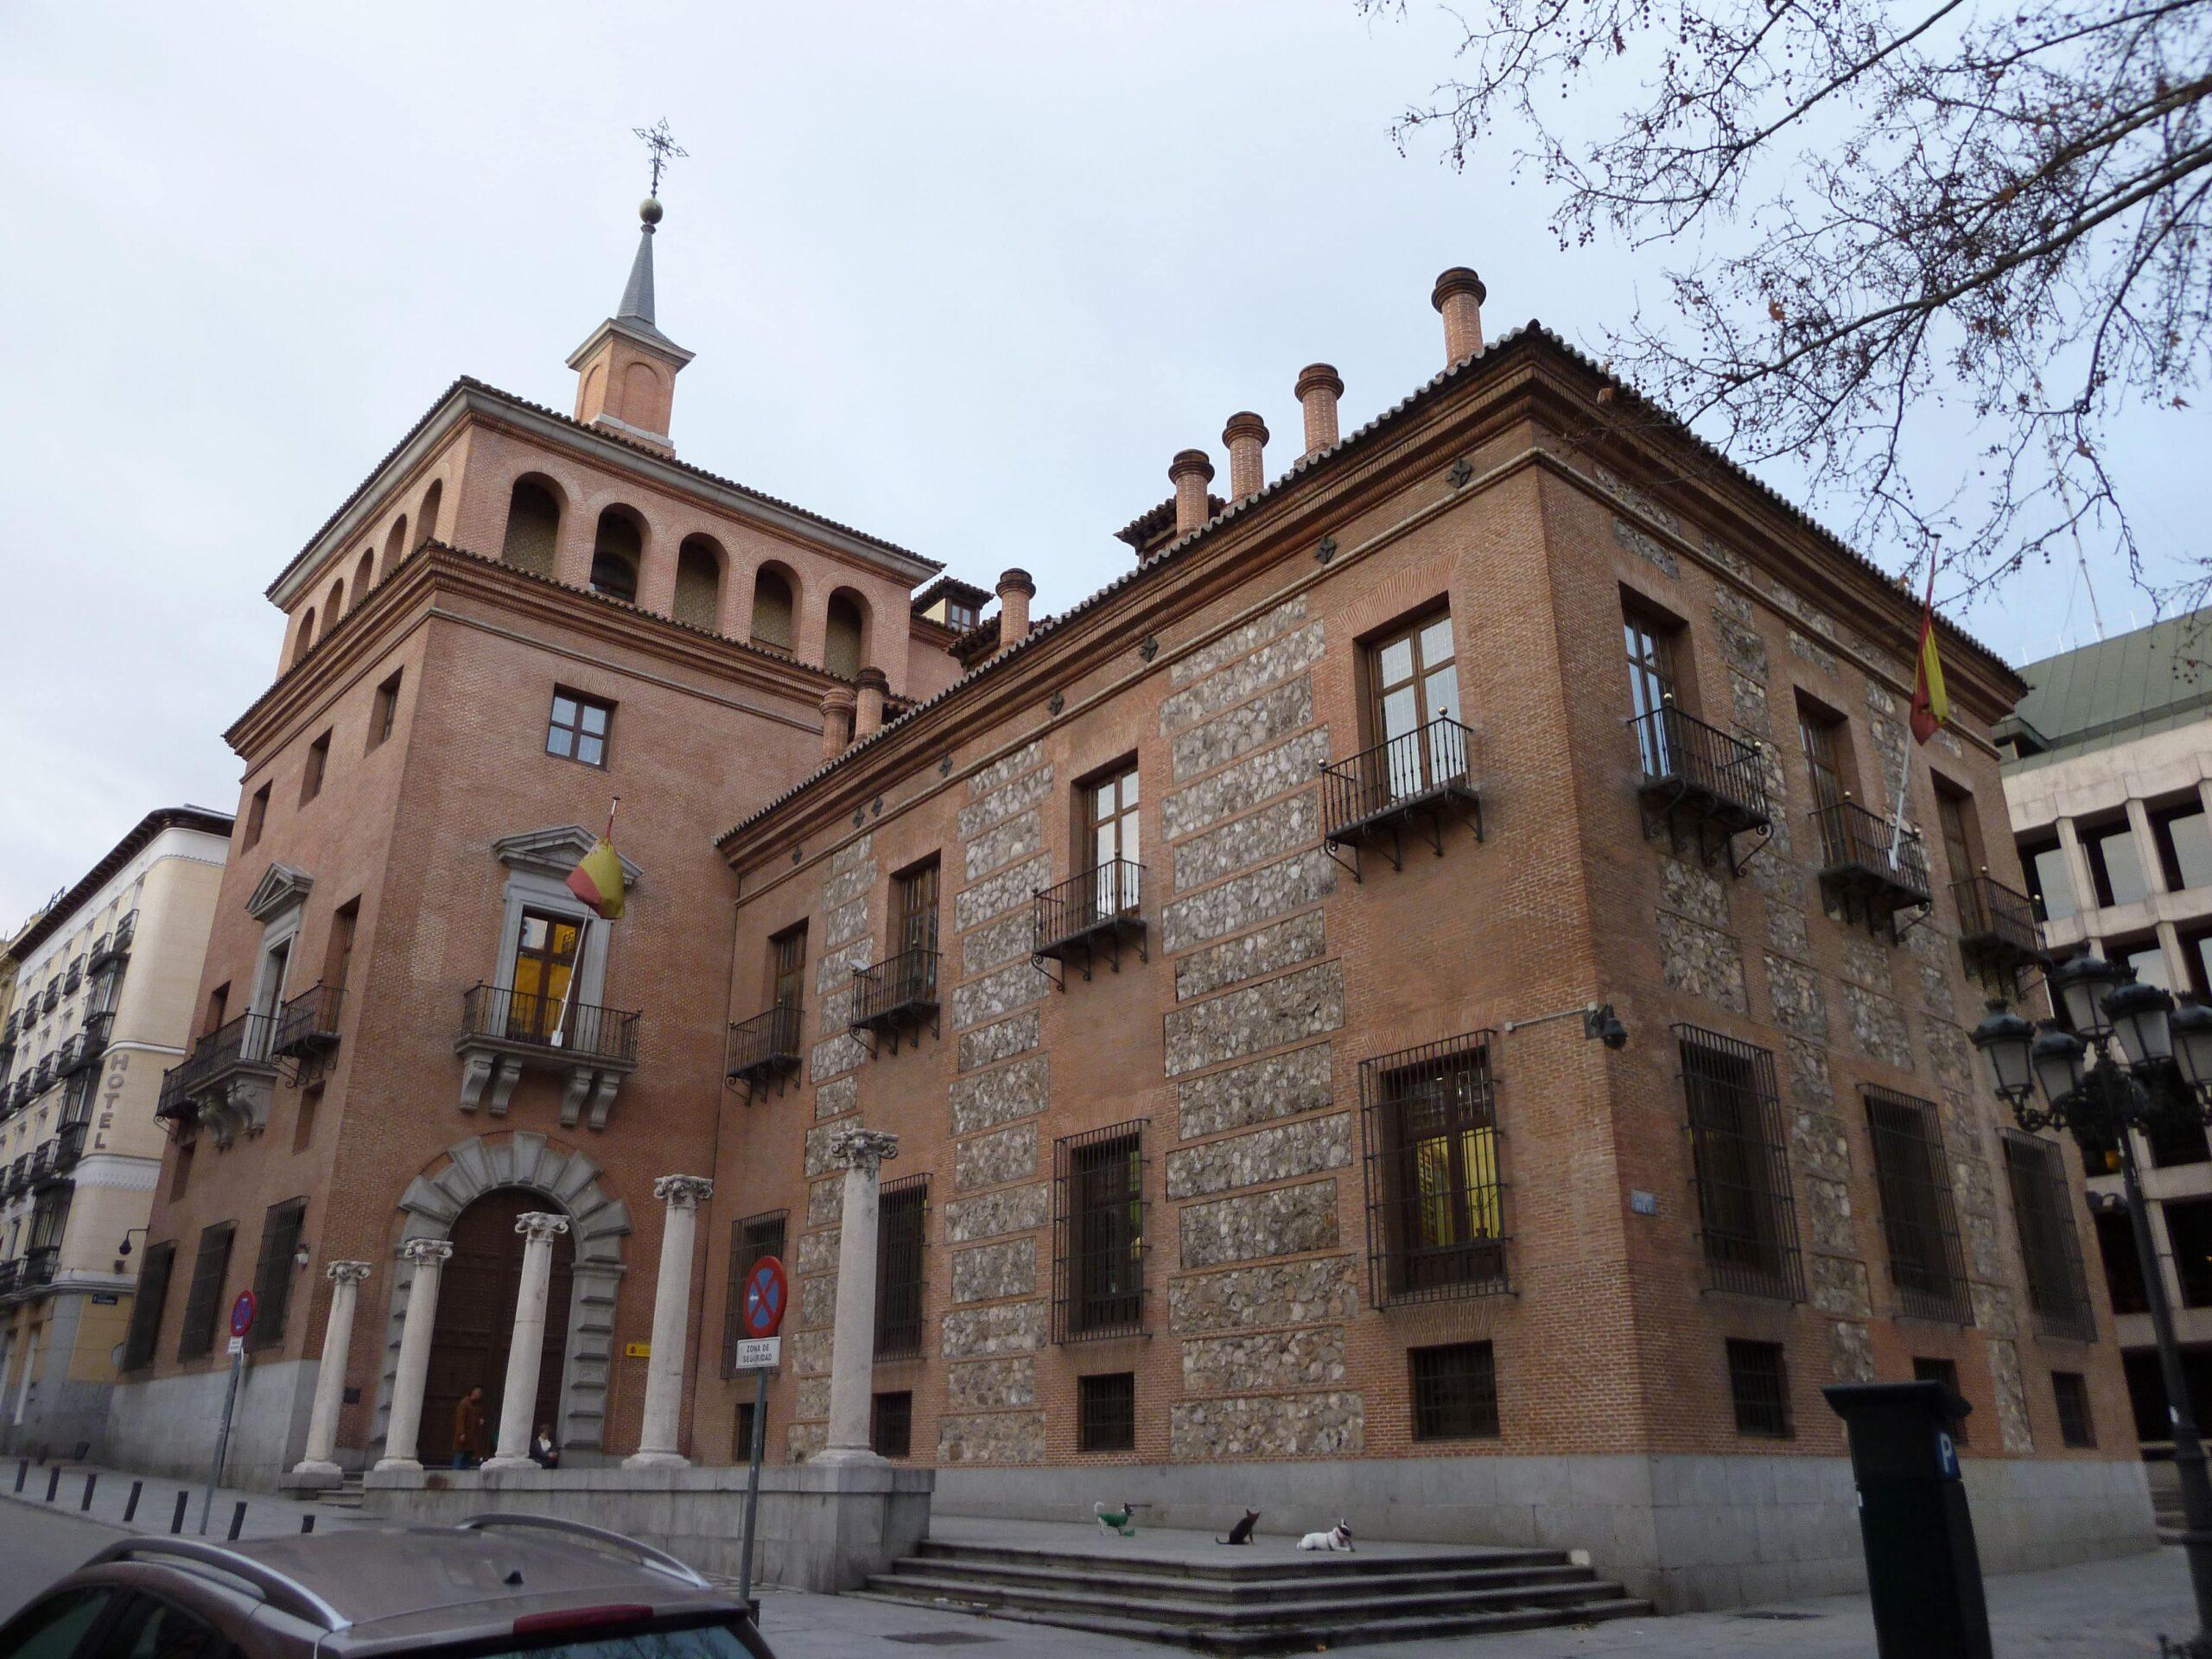 Casa de las siete chimeneas Madrid